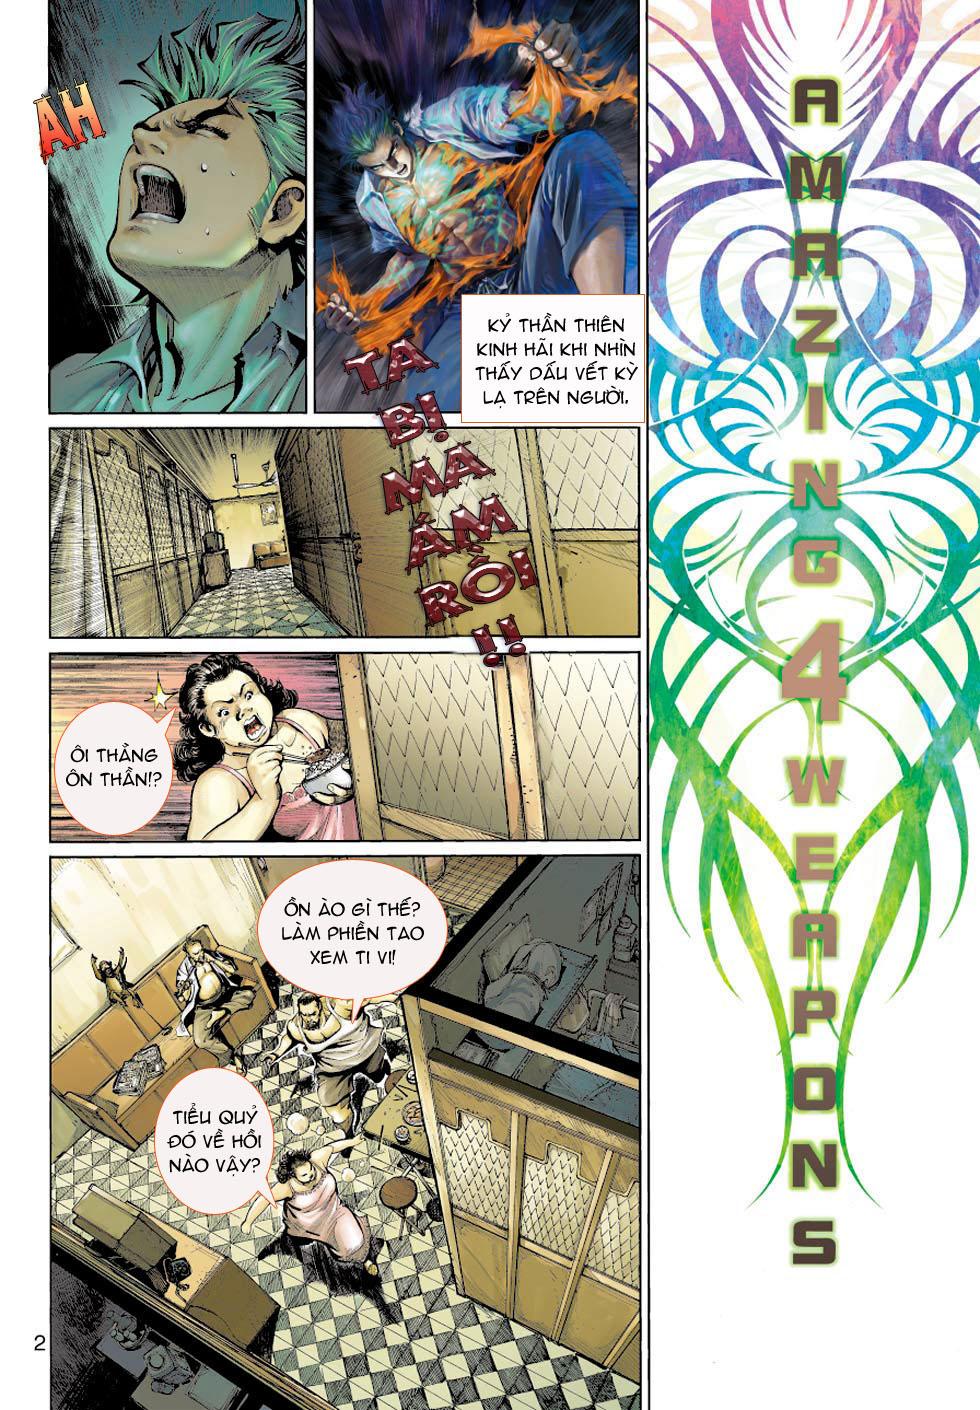 Thần Binh 4 chap 5 - Trang 2